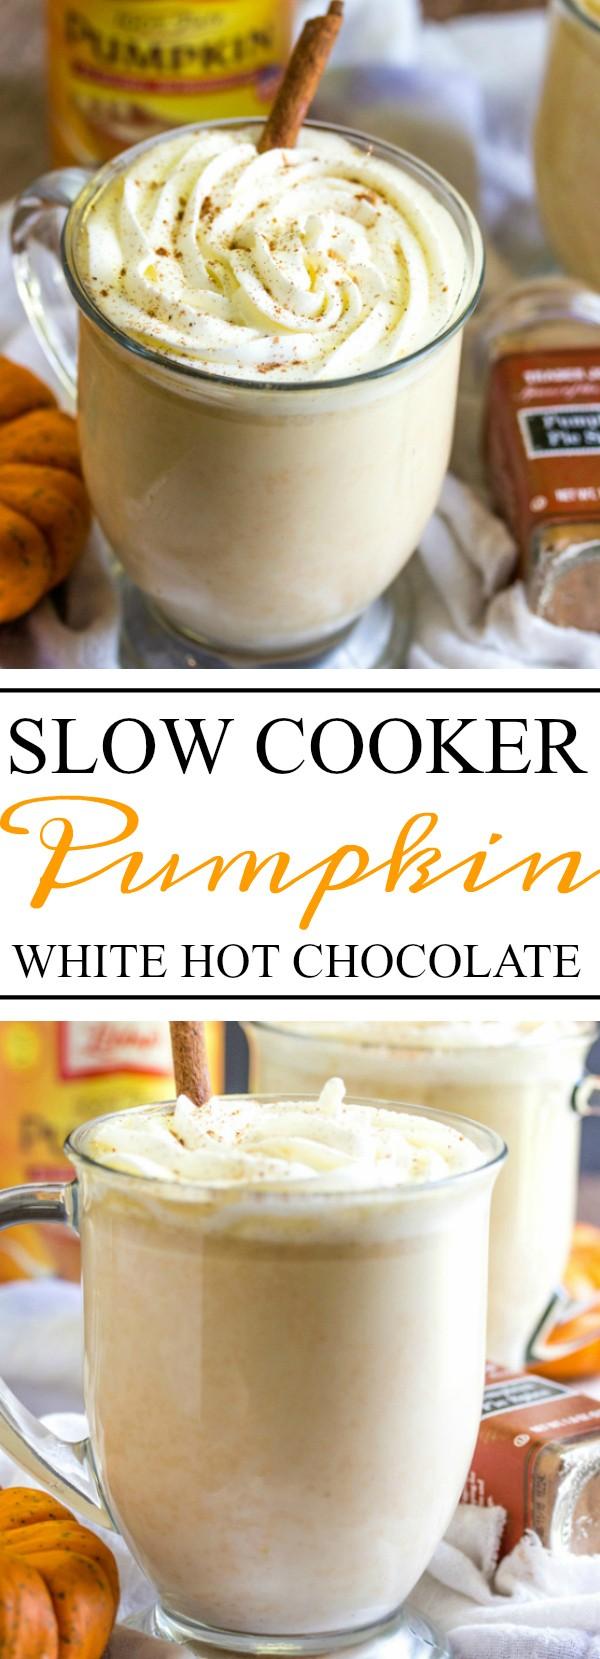 Get the recipe Pumpkin White Chocolate @recipes_to_go